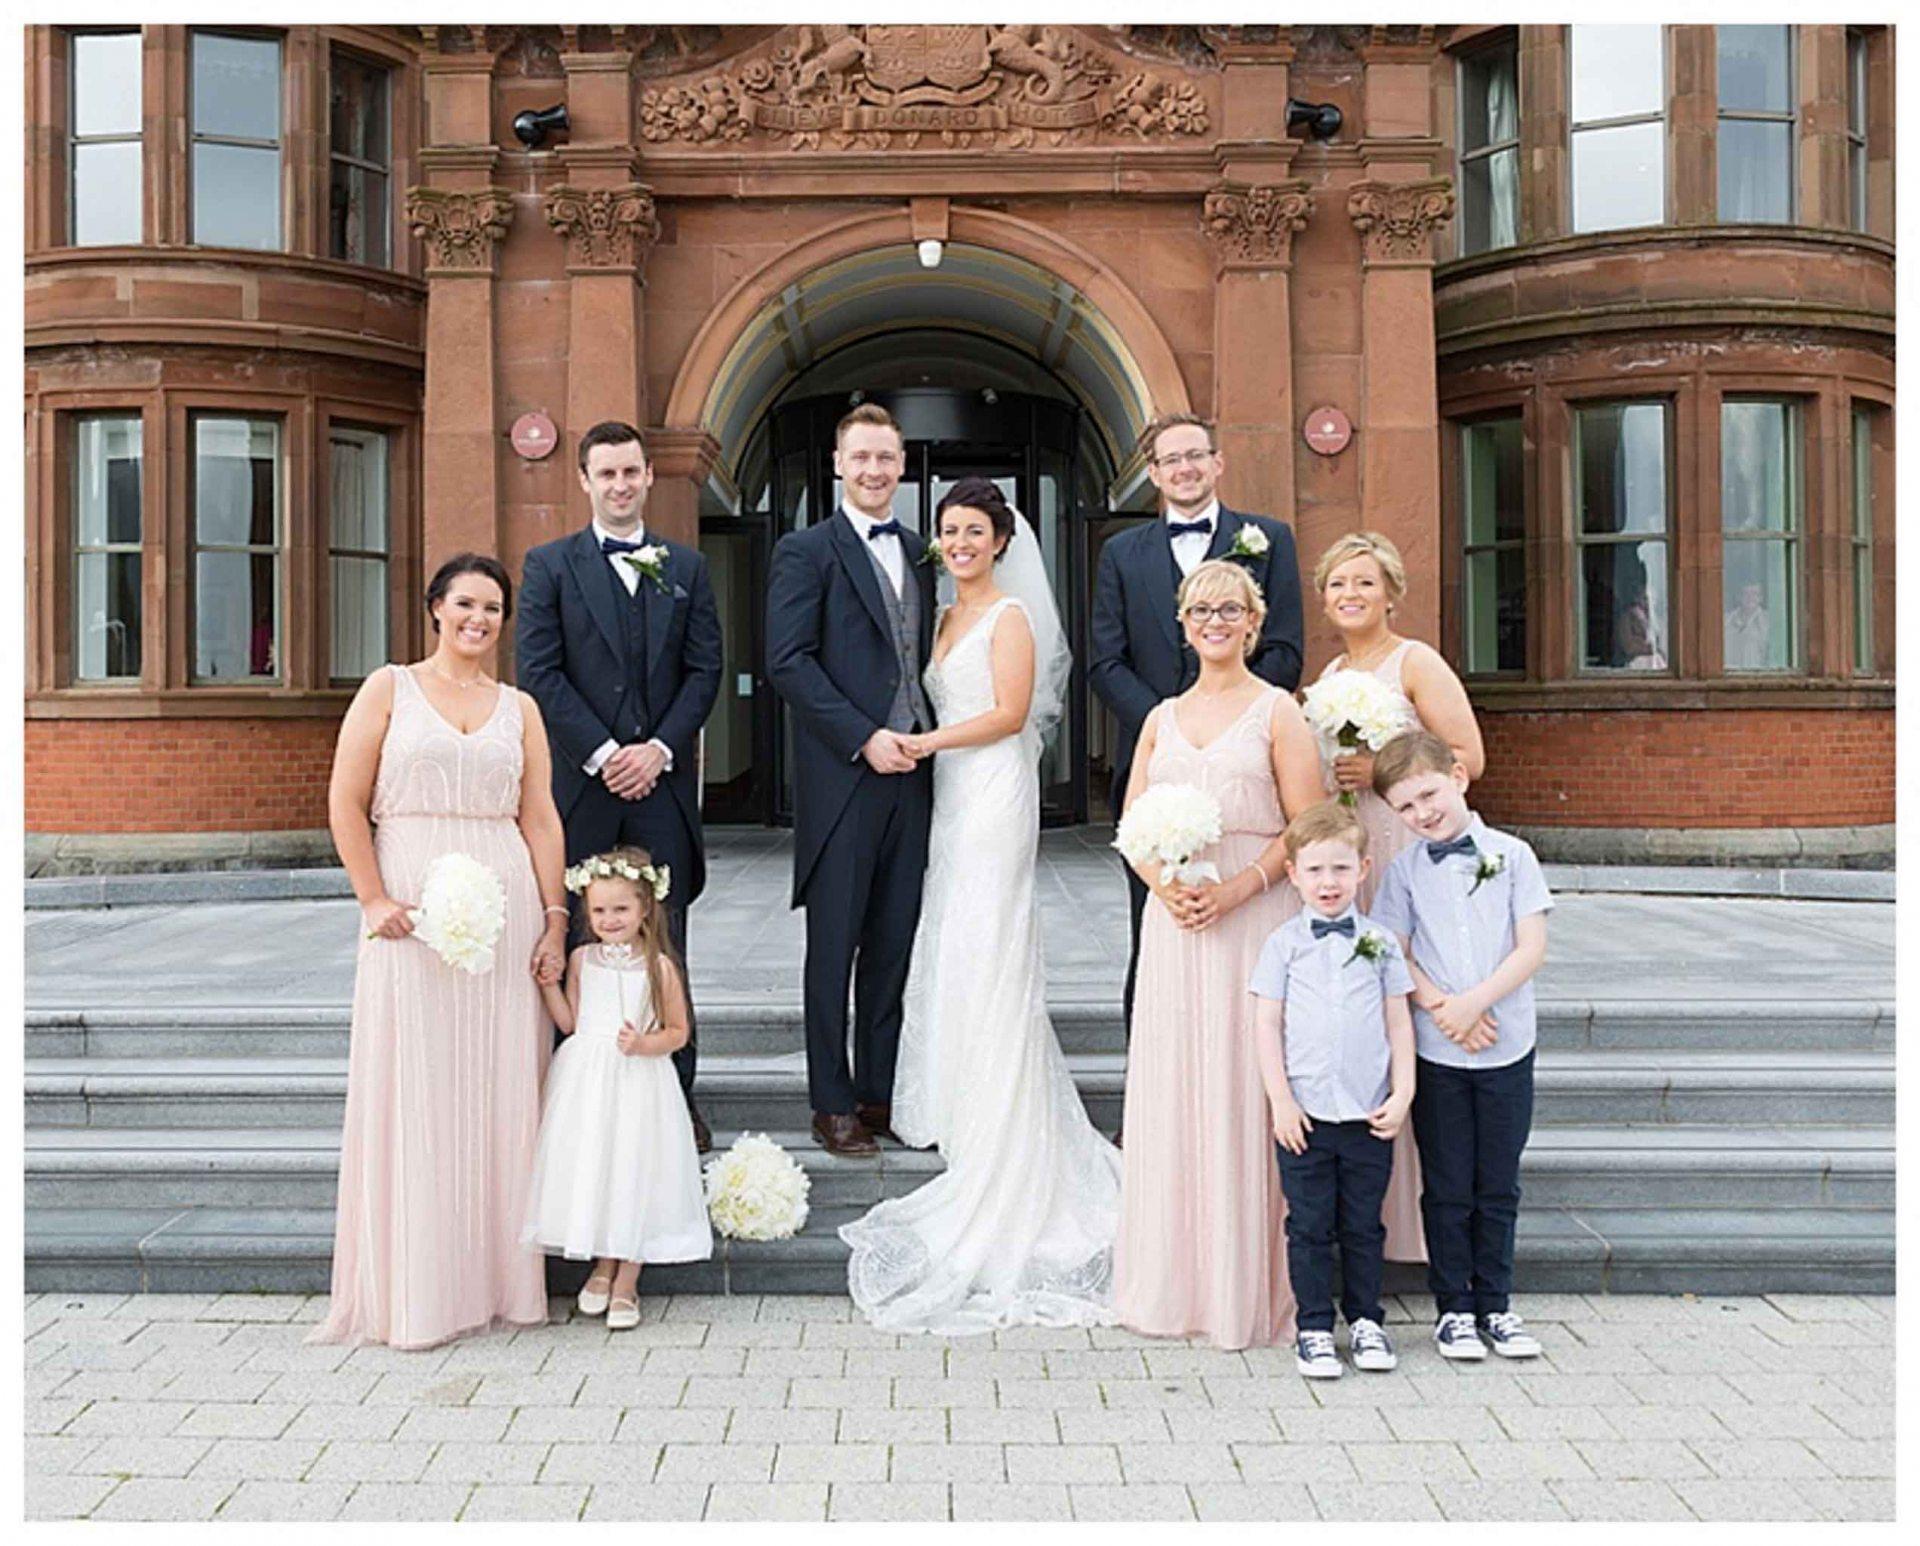 Slieve Donard Wedding Danielle & Glenn by Ricky Parker Photography-39